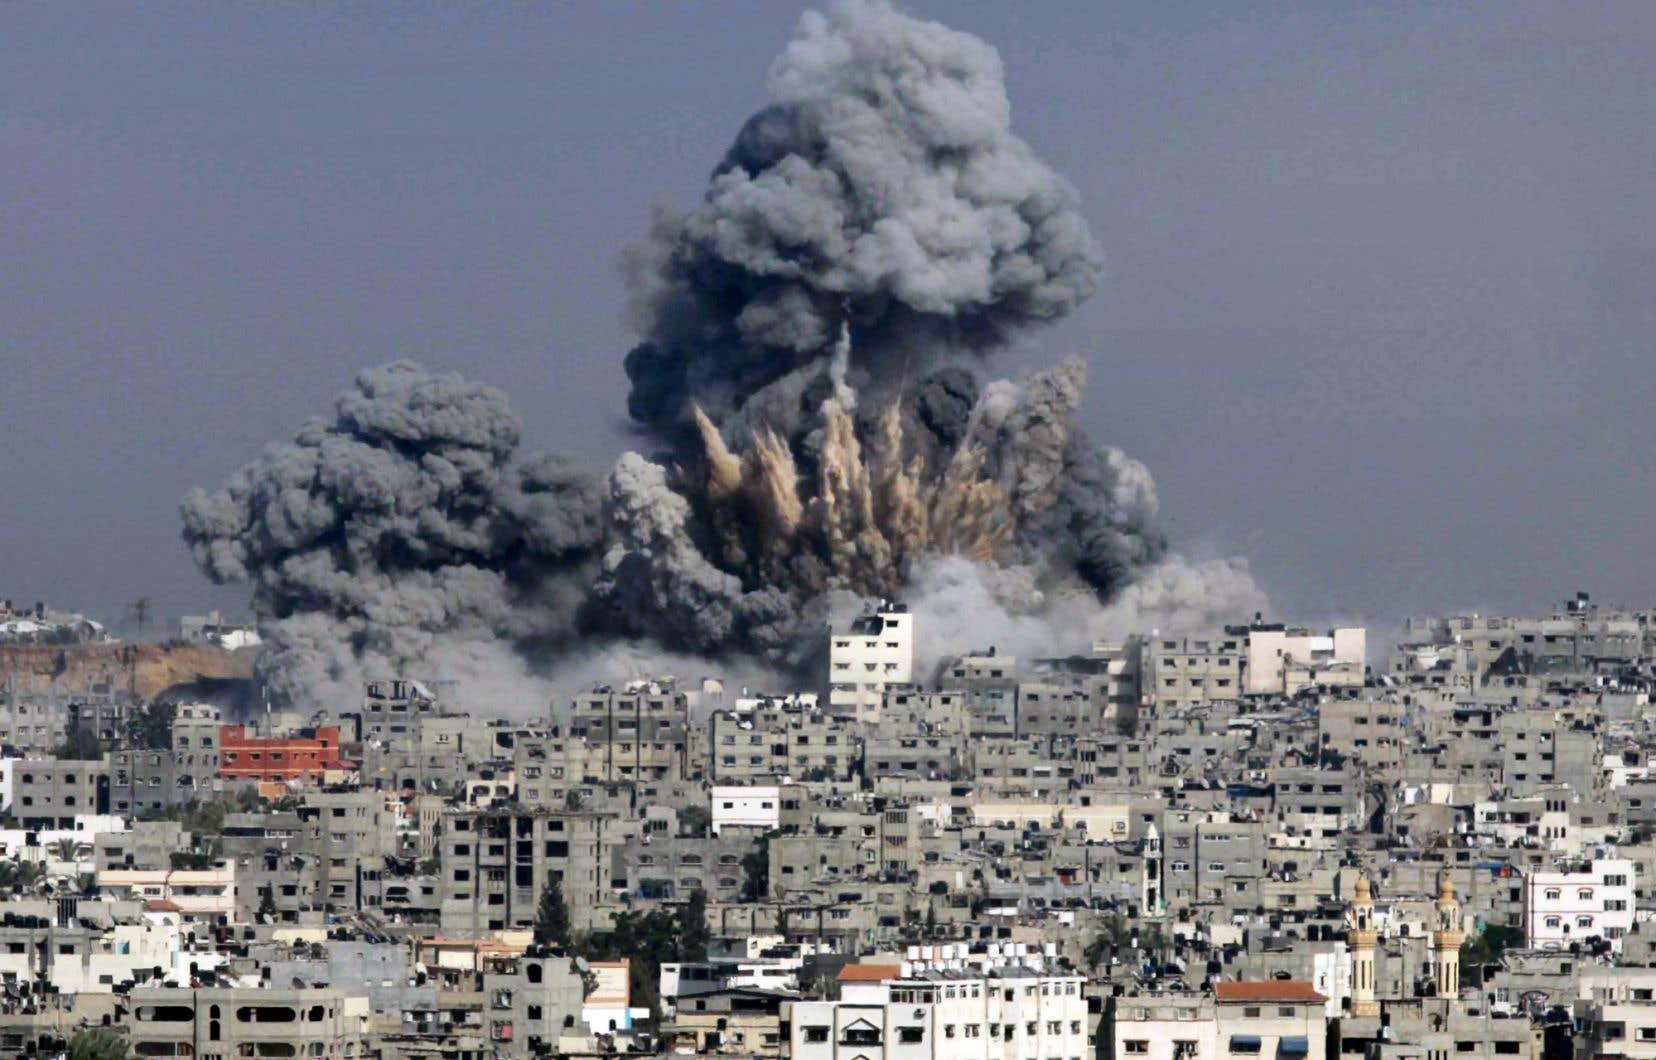 La fumée était dense mardi à Gaza, qui a essuyé son lot de raids de l'armée israélienne.